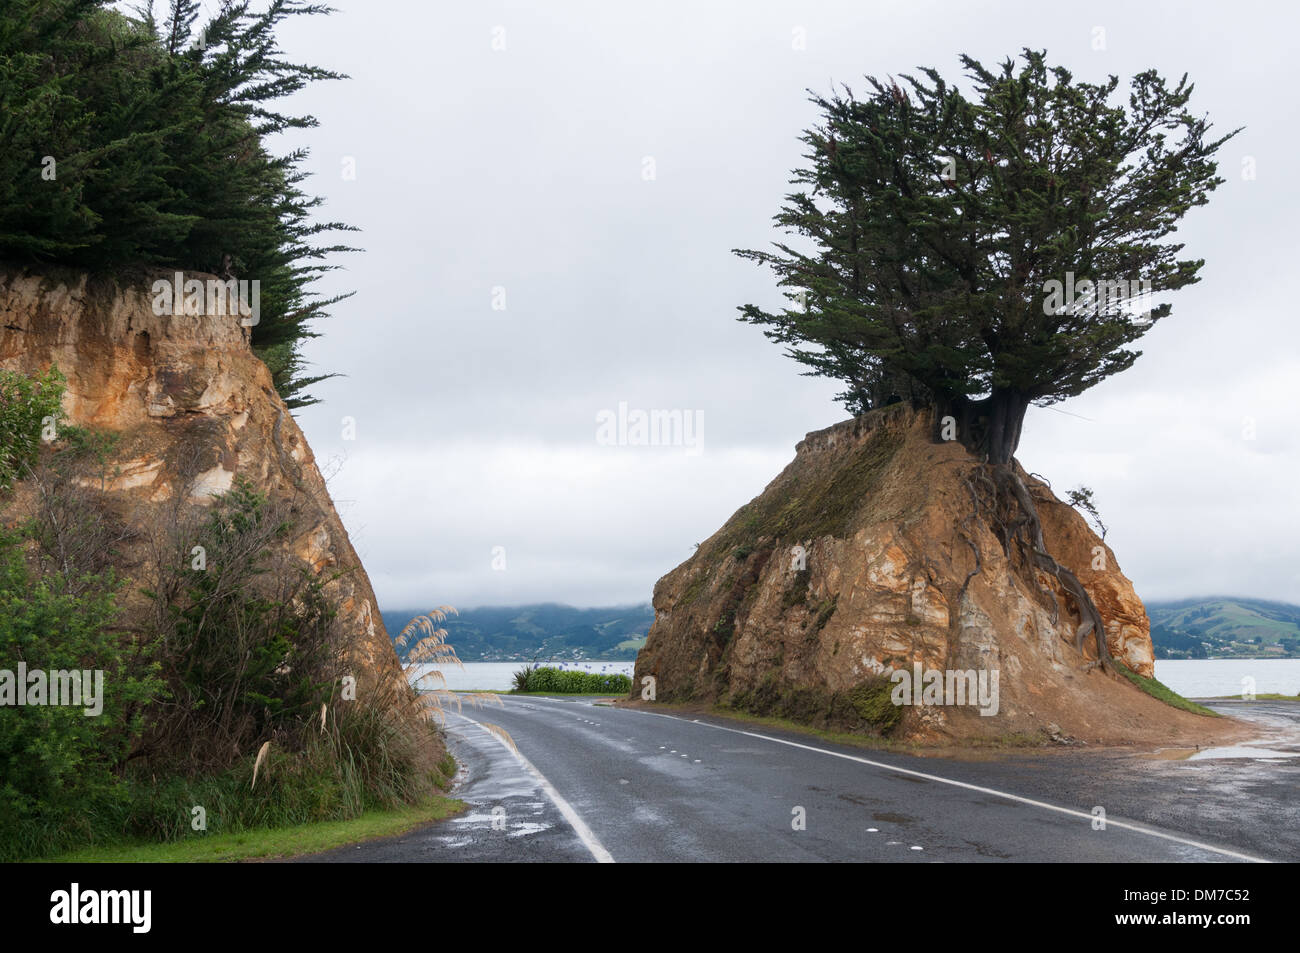 Natürliche Eigenschaft an der Portobello Road, Portobello, in der Nähe von Dunedin, South Otago, Südinsel, Neuseeland. Stockbild